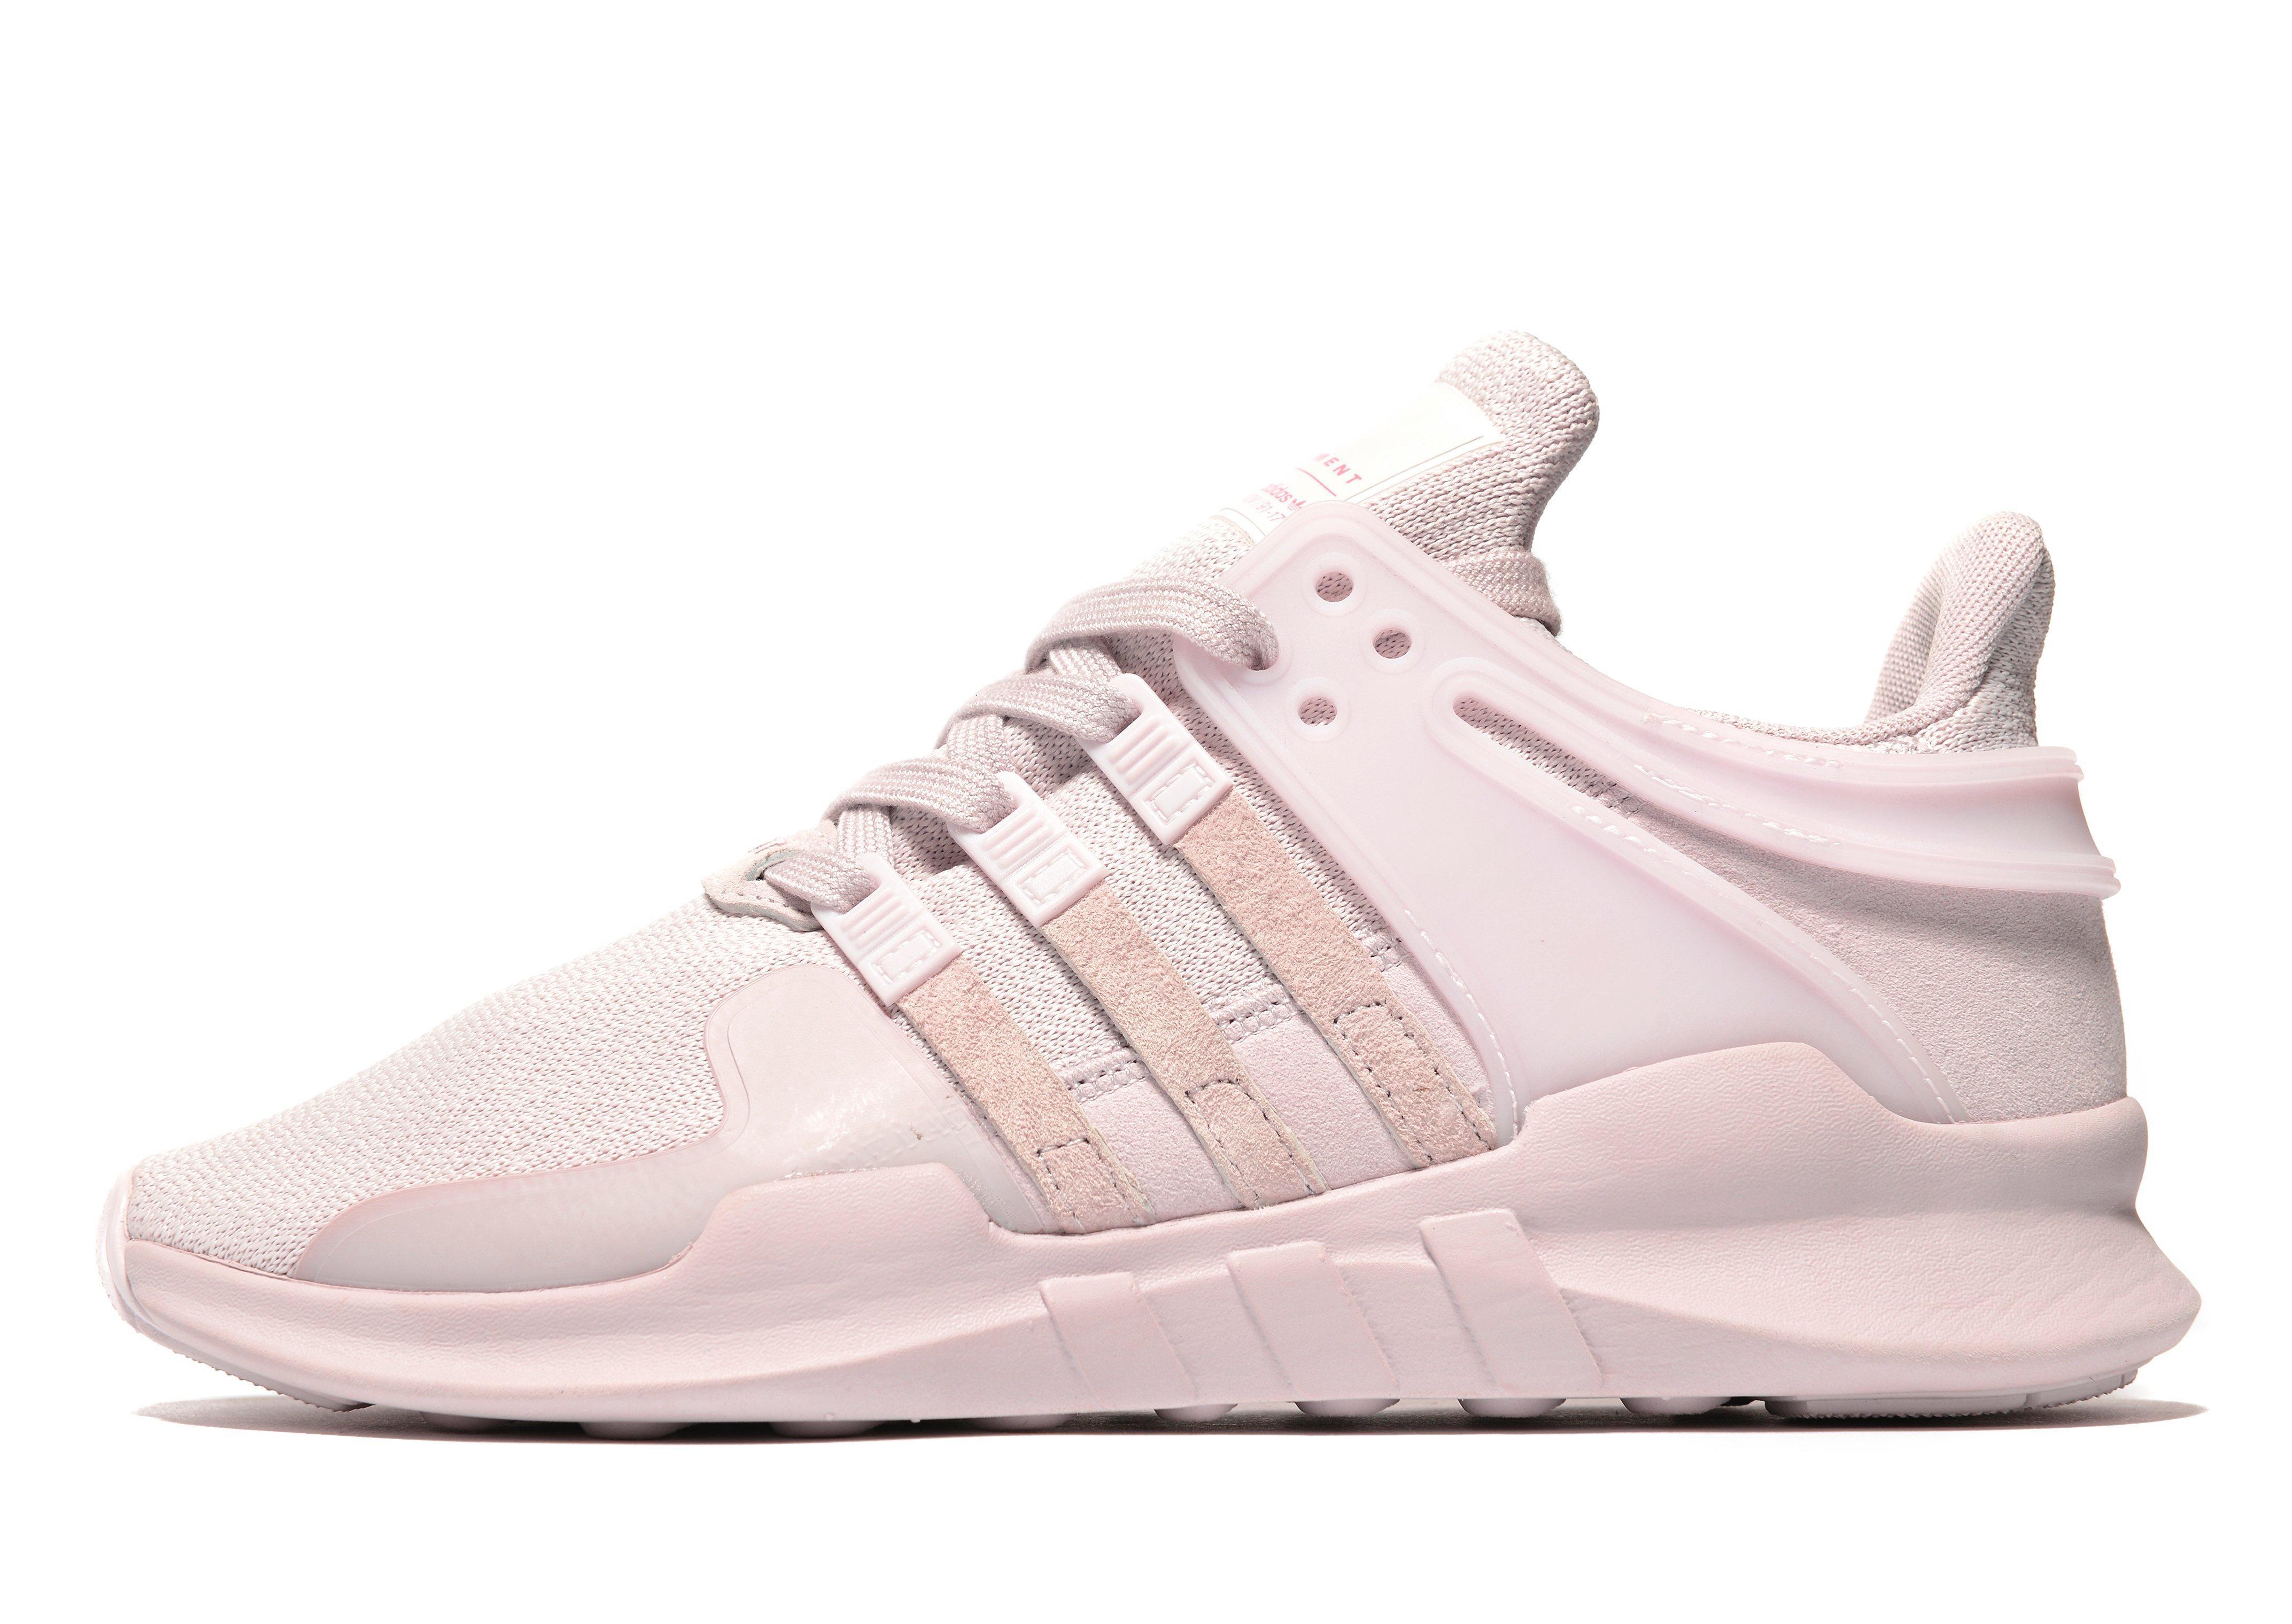 b5d2cc4c001f Adidas Originals Eqt Support Adv in Pink - Lyst